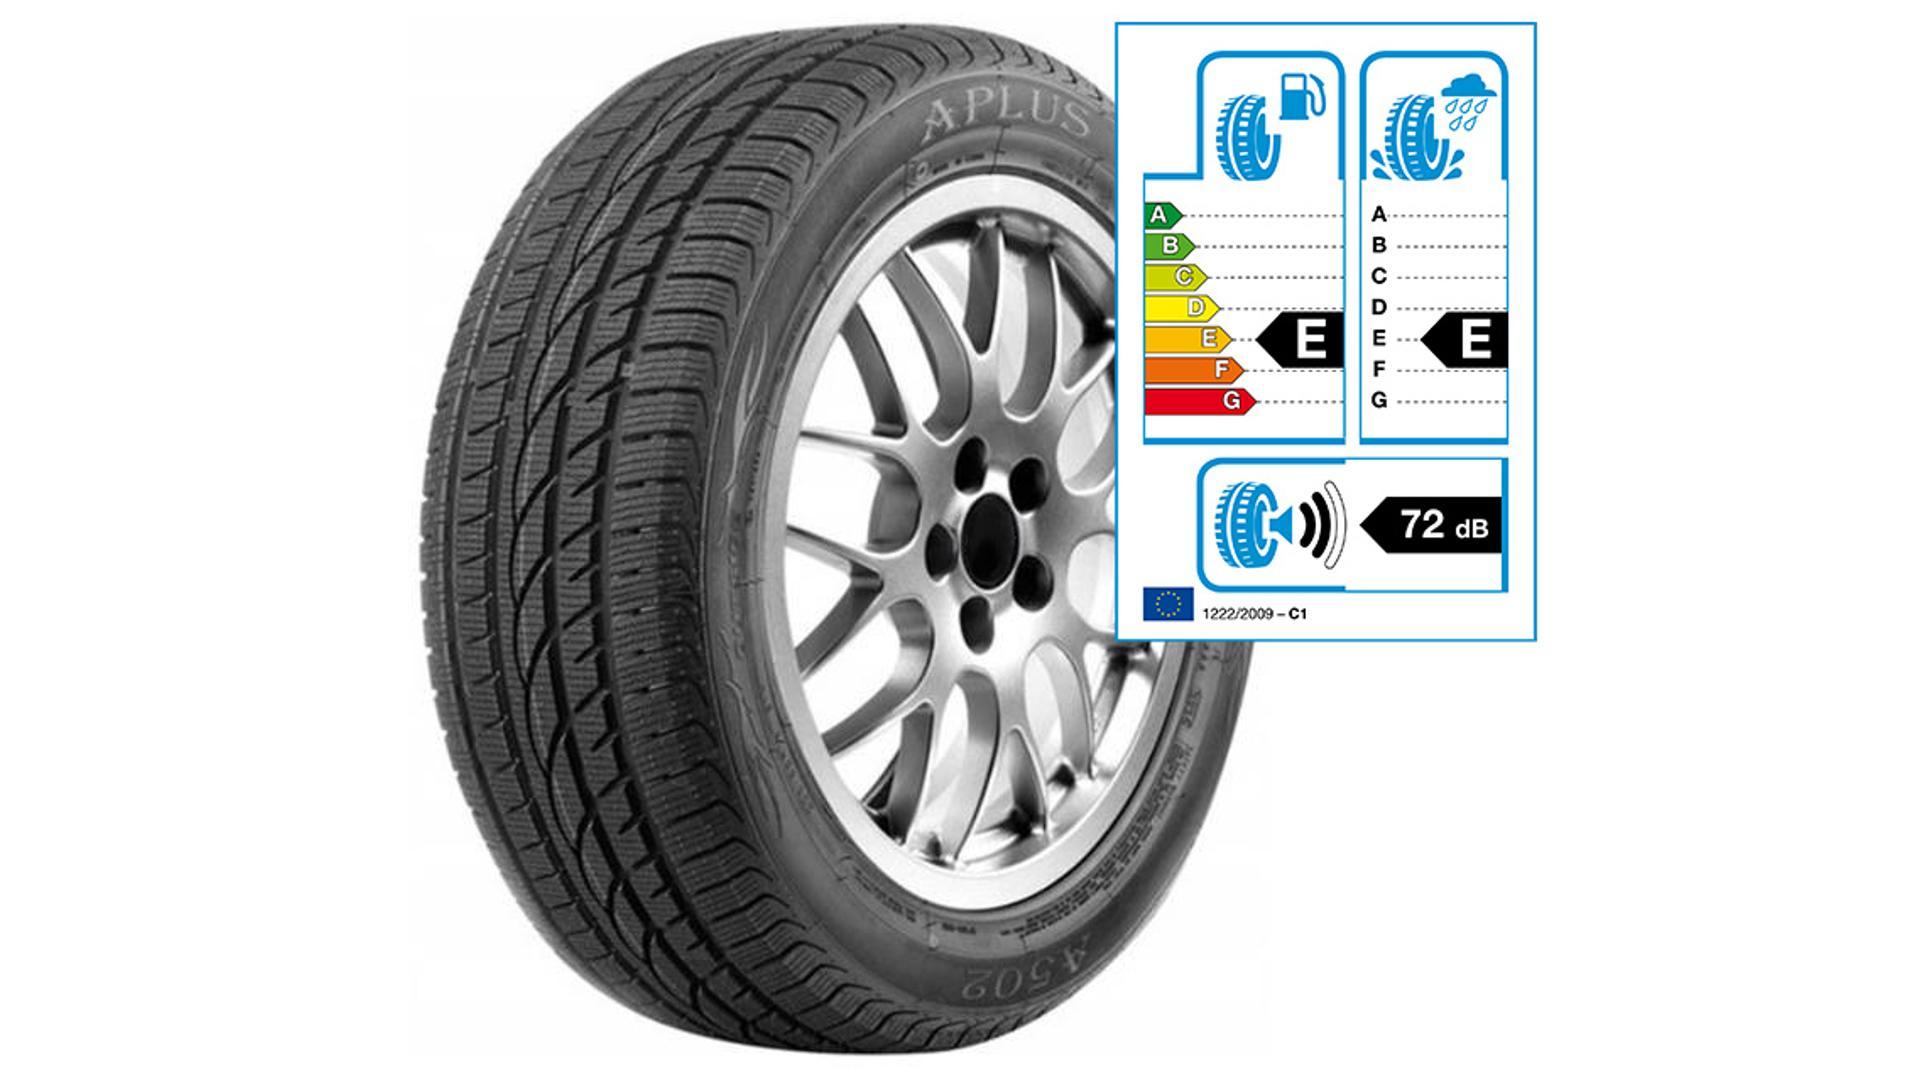 A502 Zimní pneumatika 215/55R16 97HXL